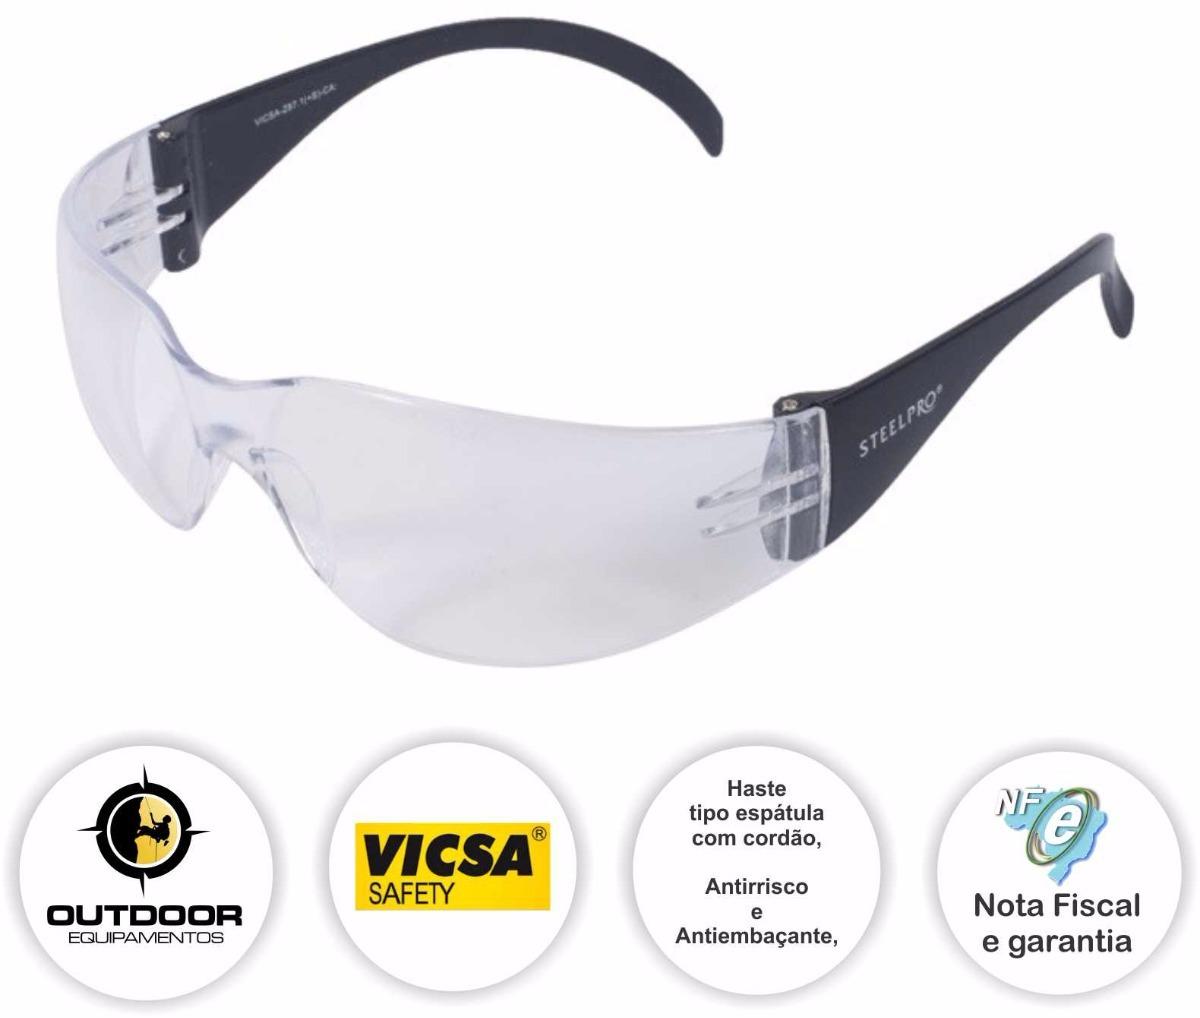 Óculos De Segurança Spy Corrida Ciclismo Vicsa - R  10,30 em Mercado Livre 6d320e40eb